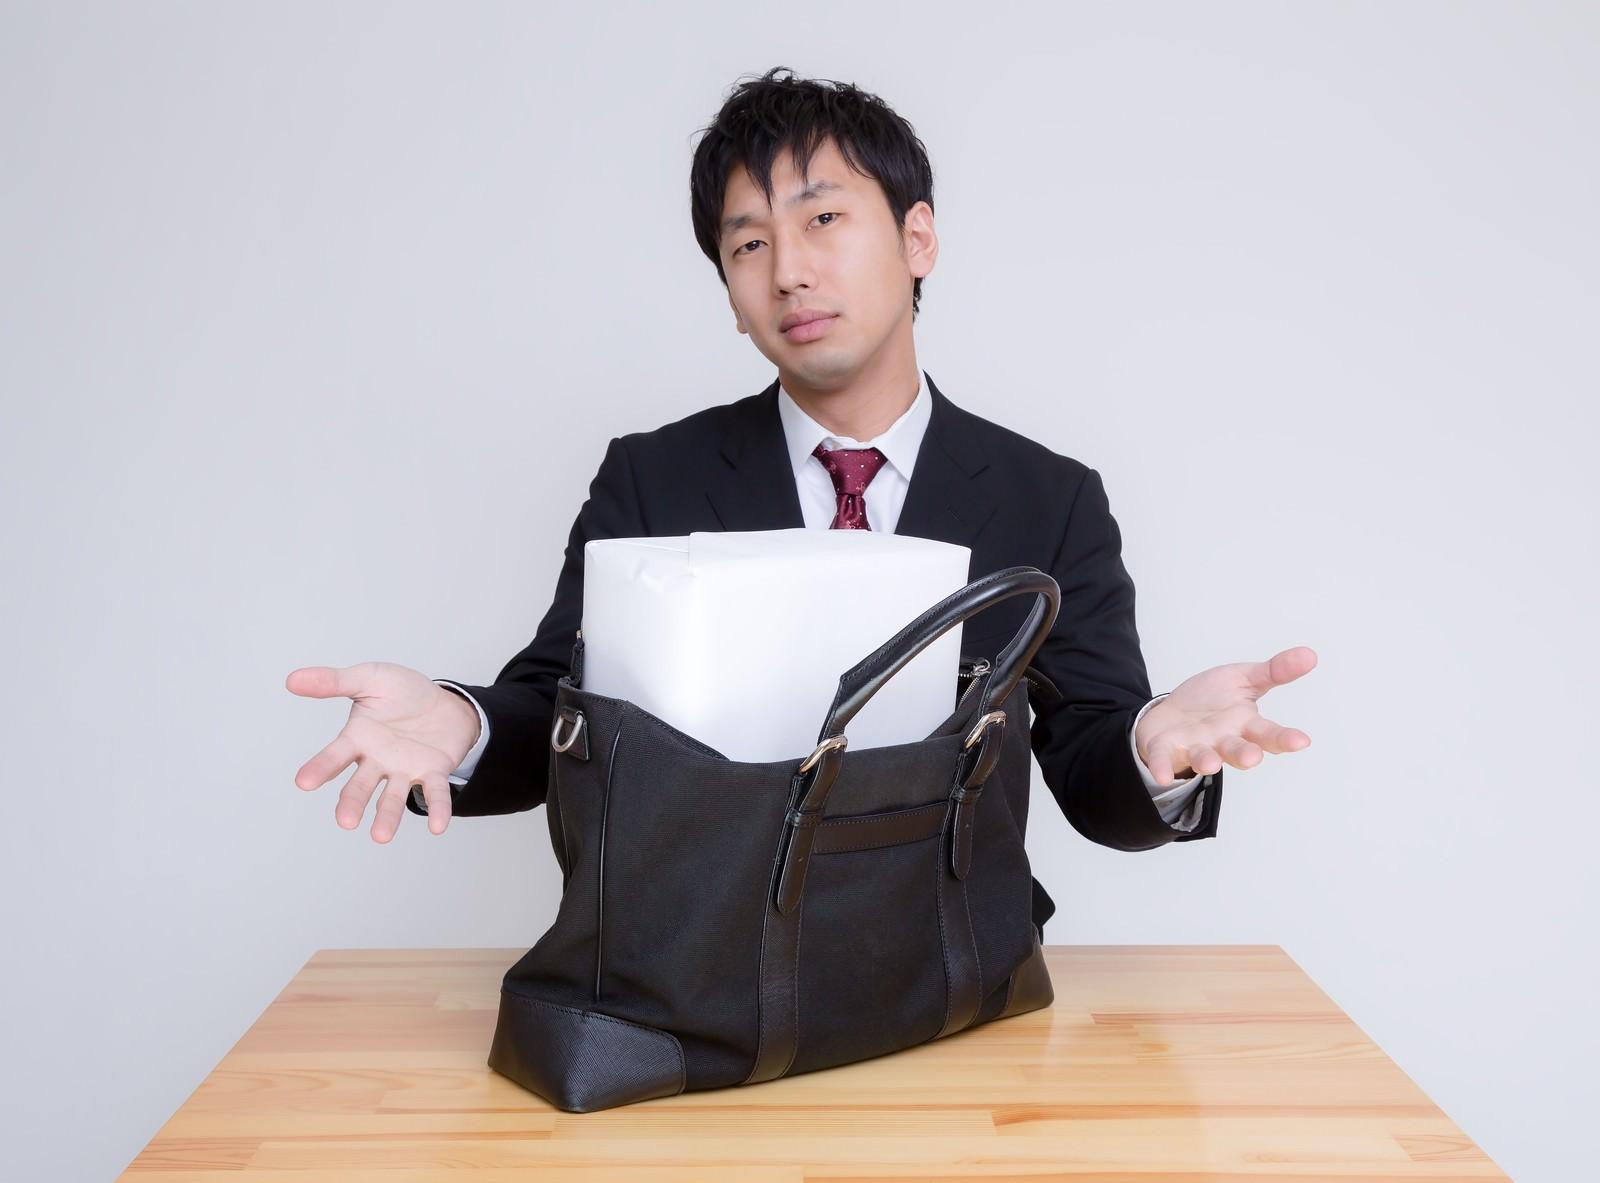 札束に見立てた箱がかばんに入らない男性 のフリー素材